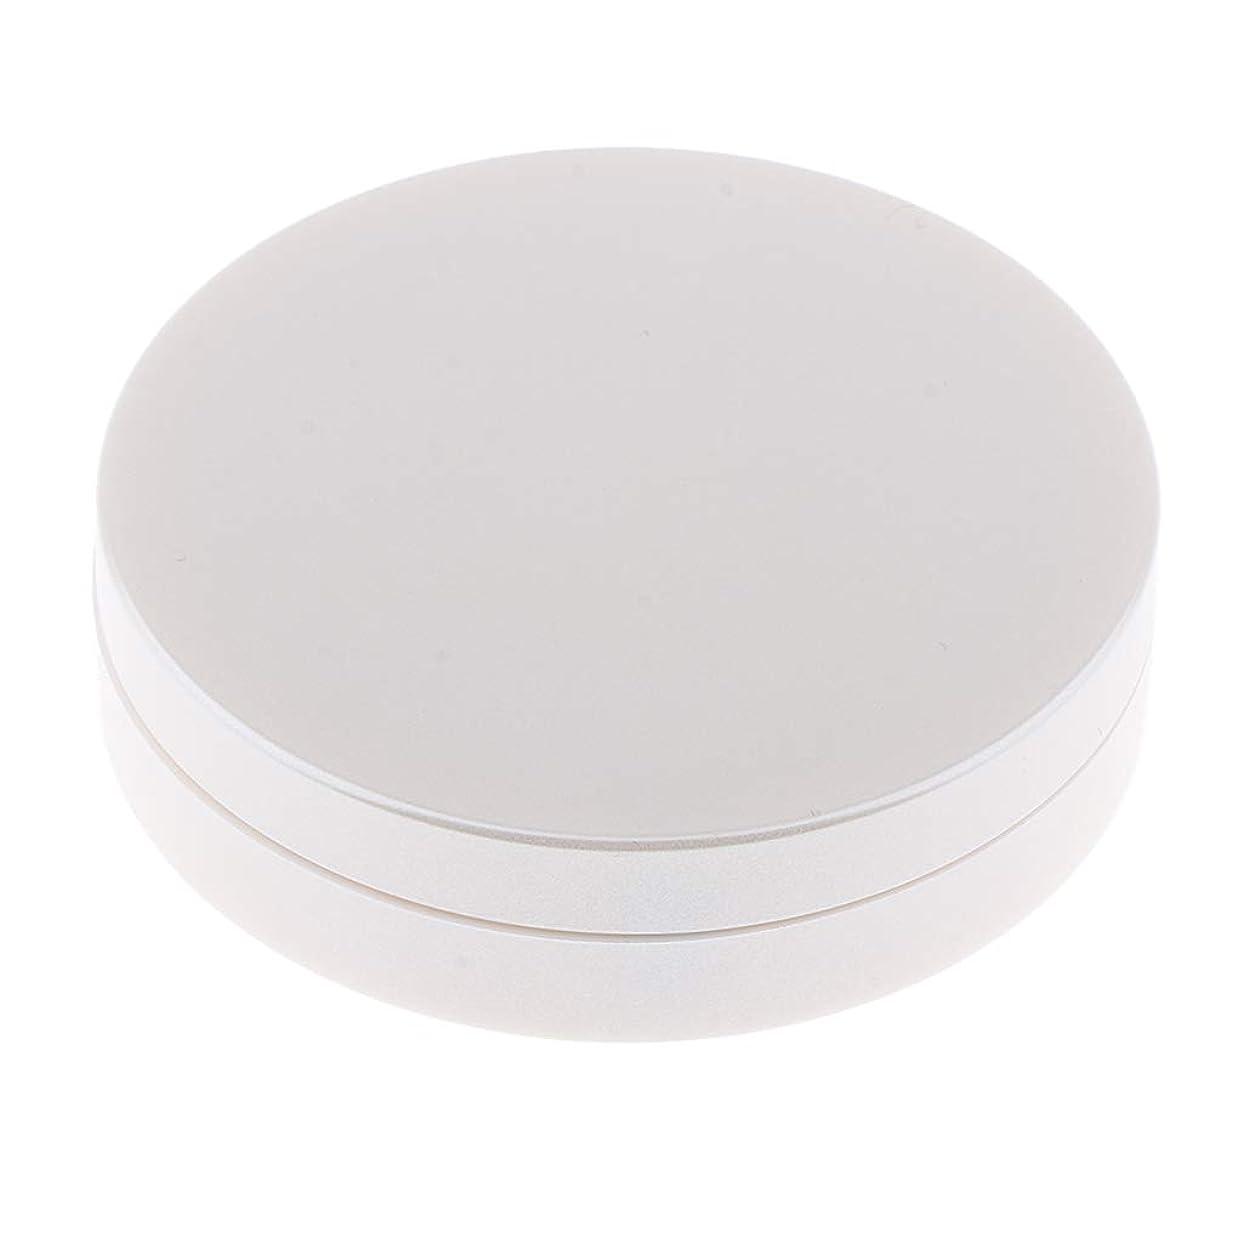 ずっと狂う暖かさB Blesiya パウダーケース 2層 メイクアップミラー メイクアップパウダー ハイライト コンシーラー 2色選べ - 白